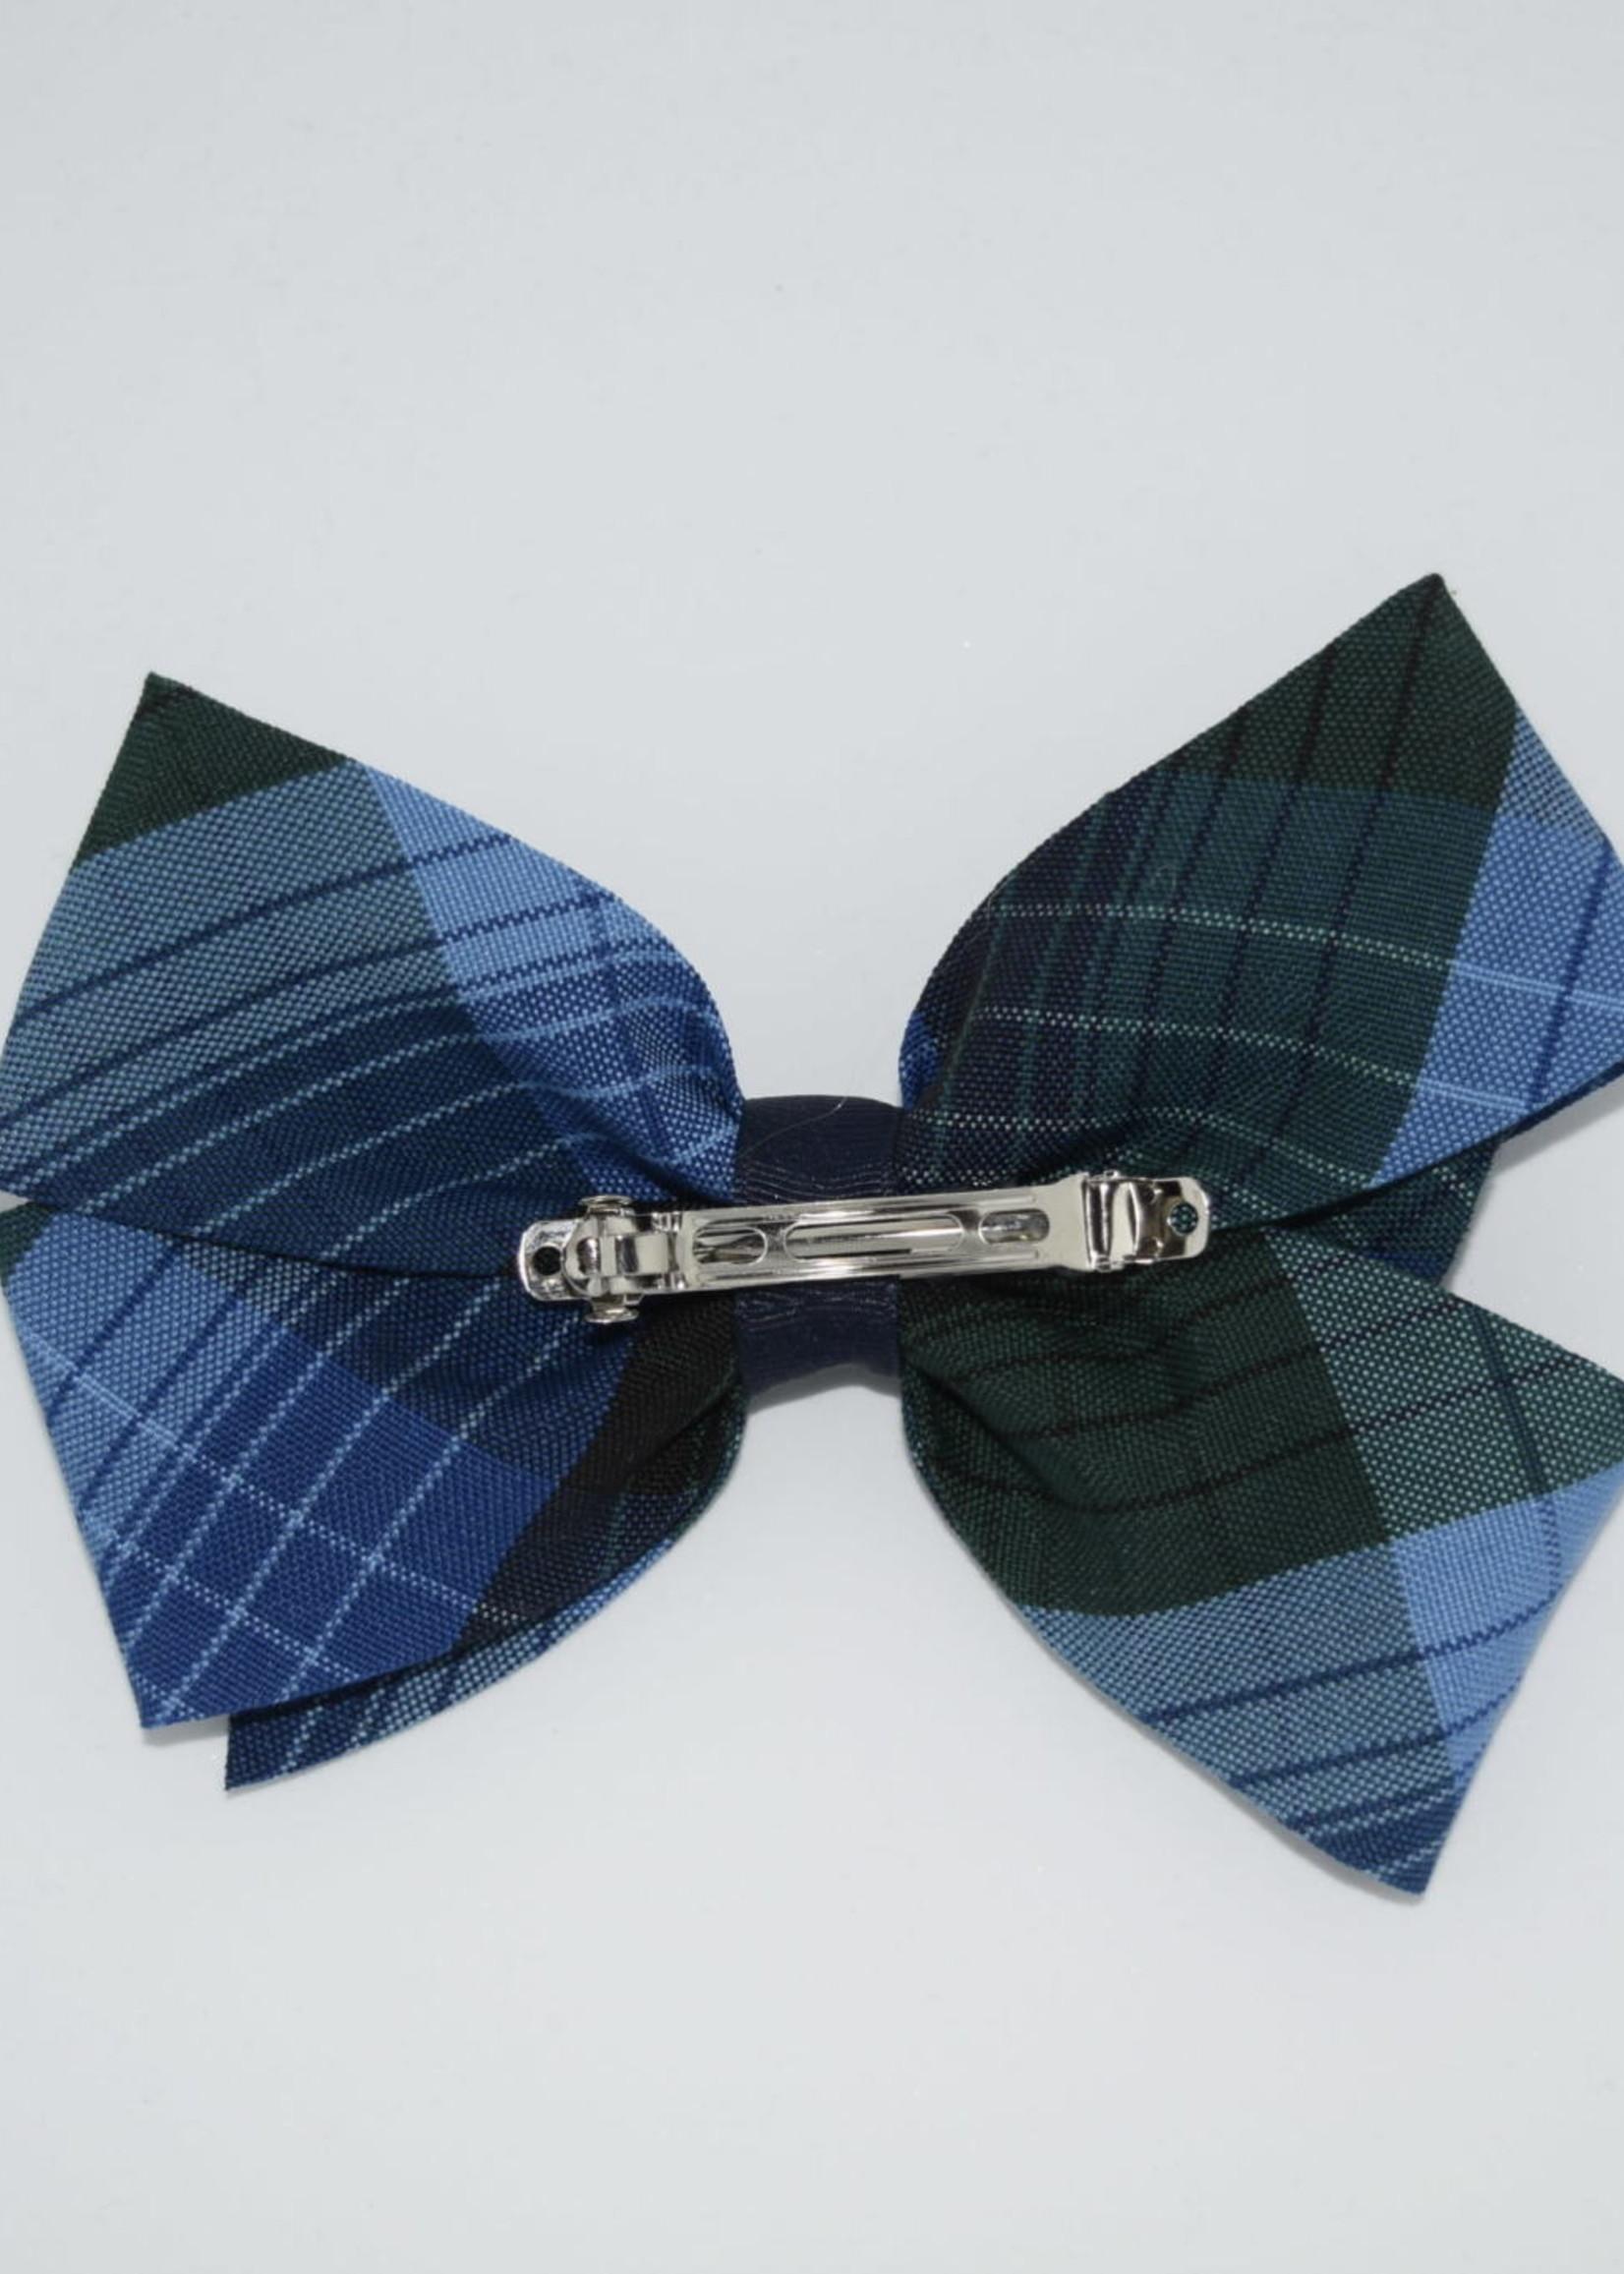 EDT Large 2 1/4'' x 6'' wide plaid bow P46